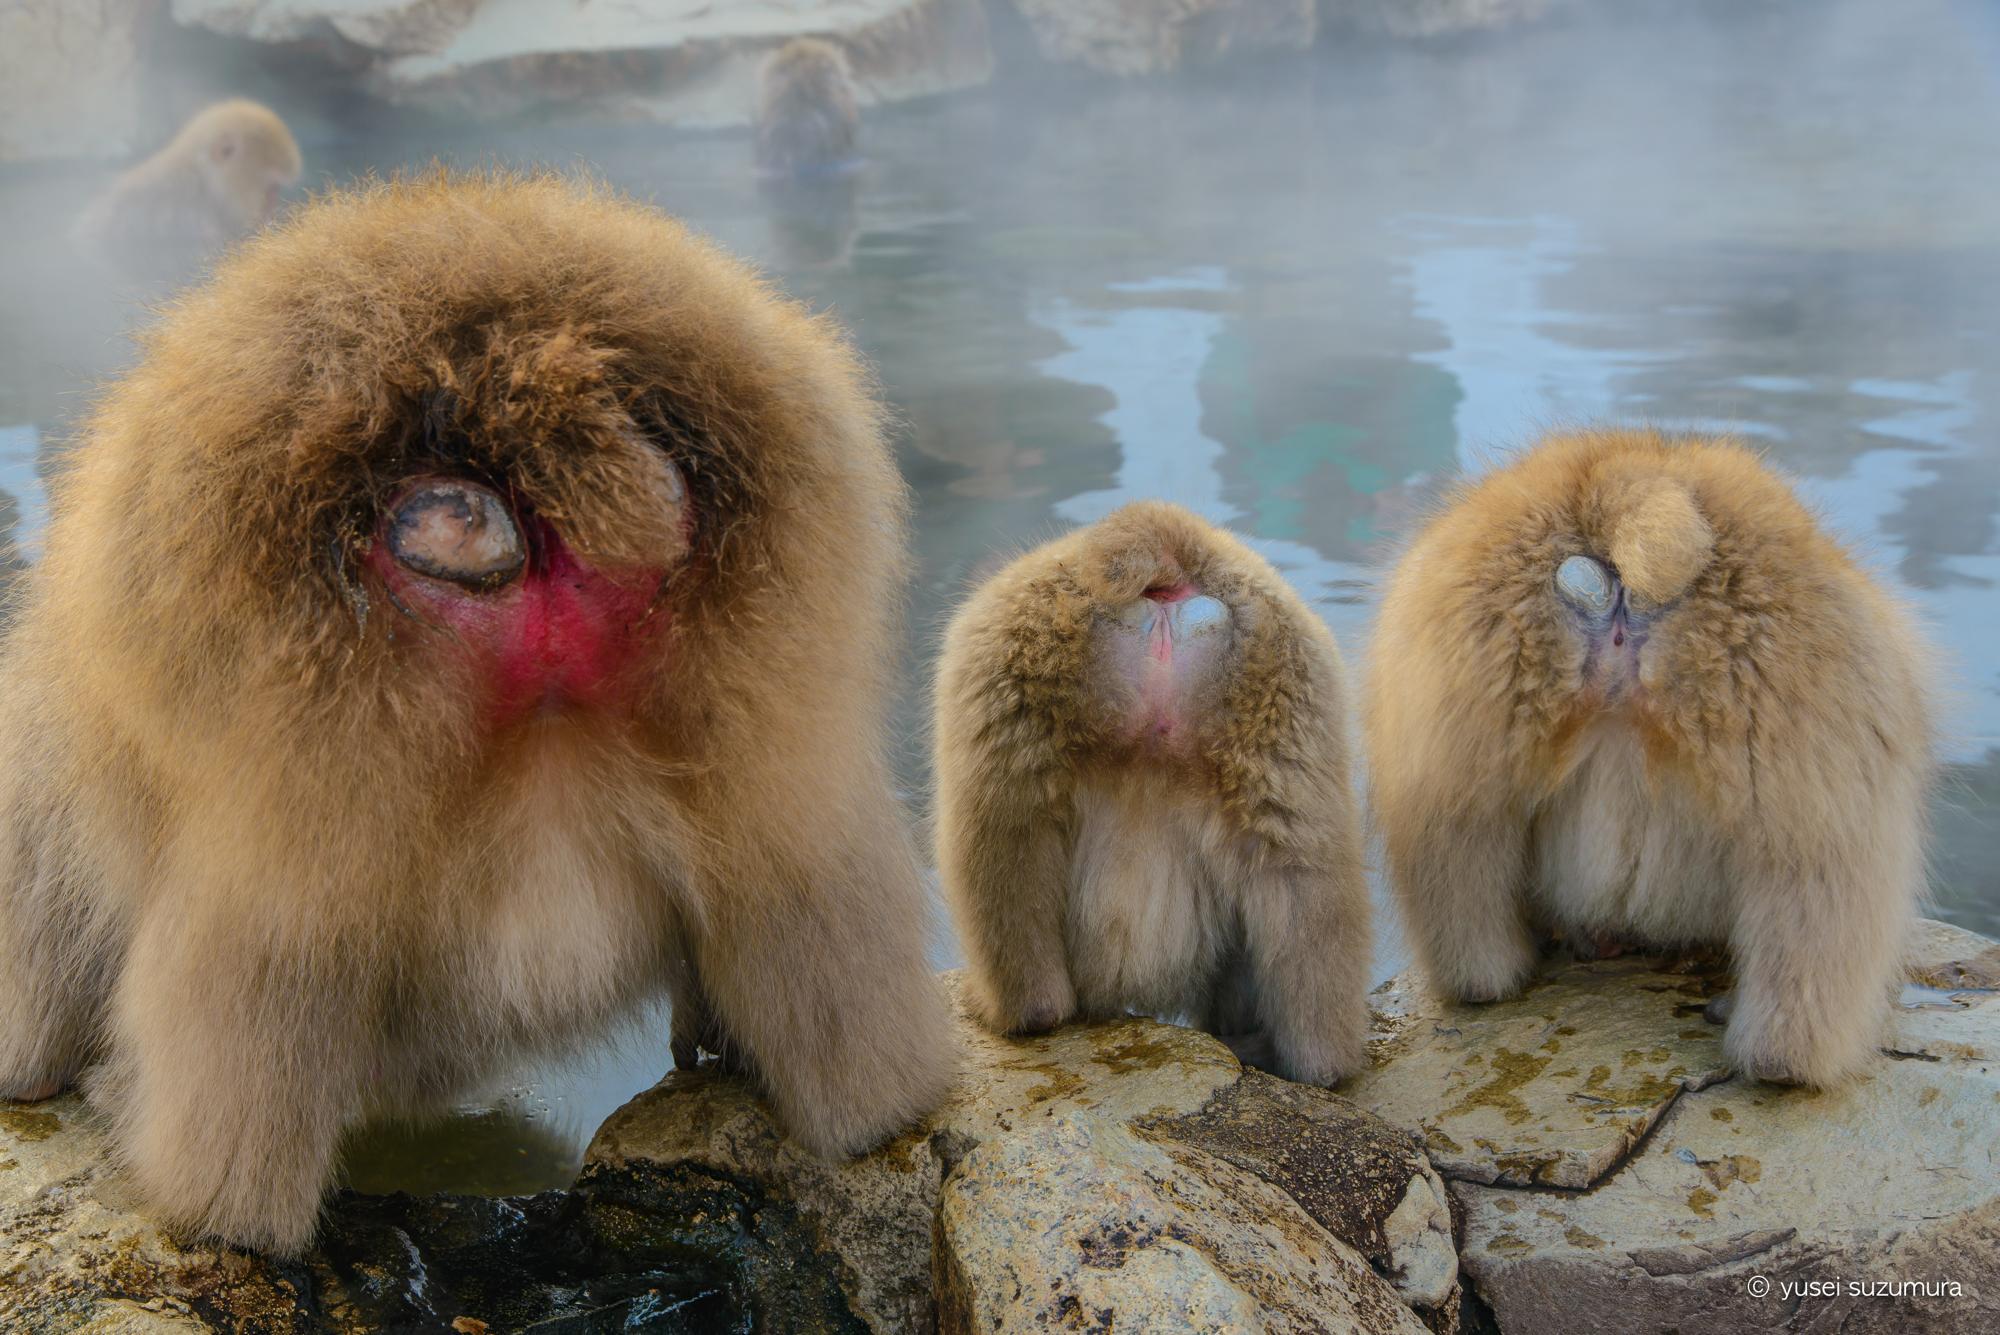 地獄谷温泉のお猿さんのお尻